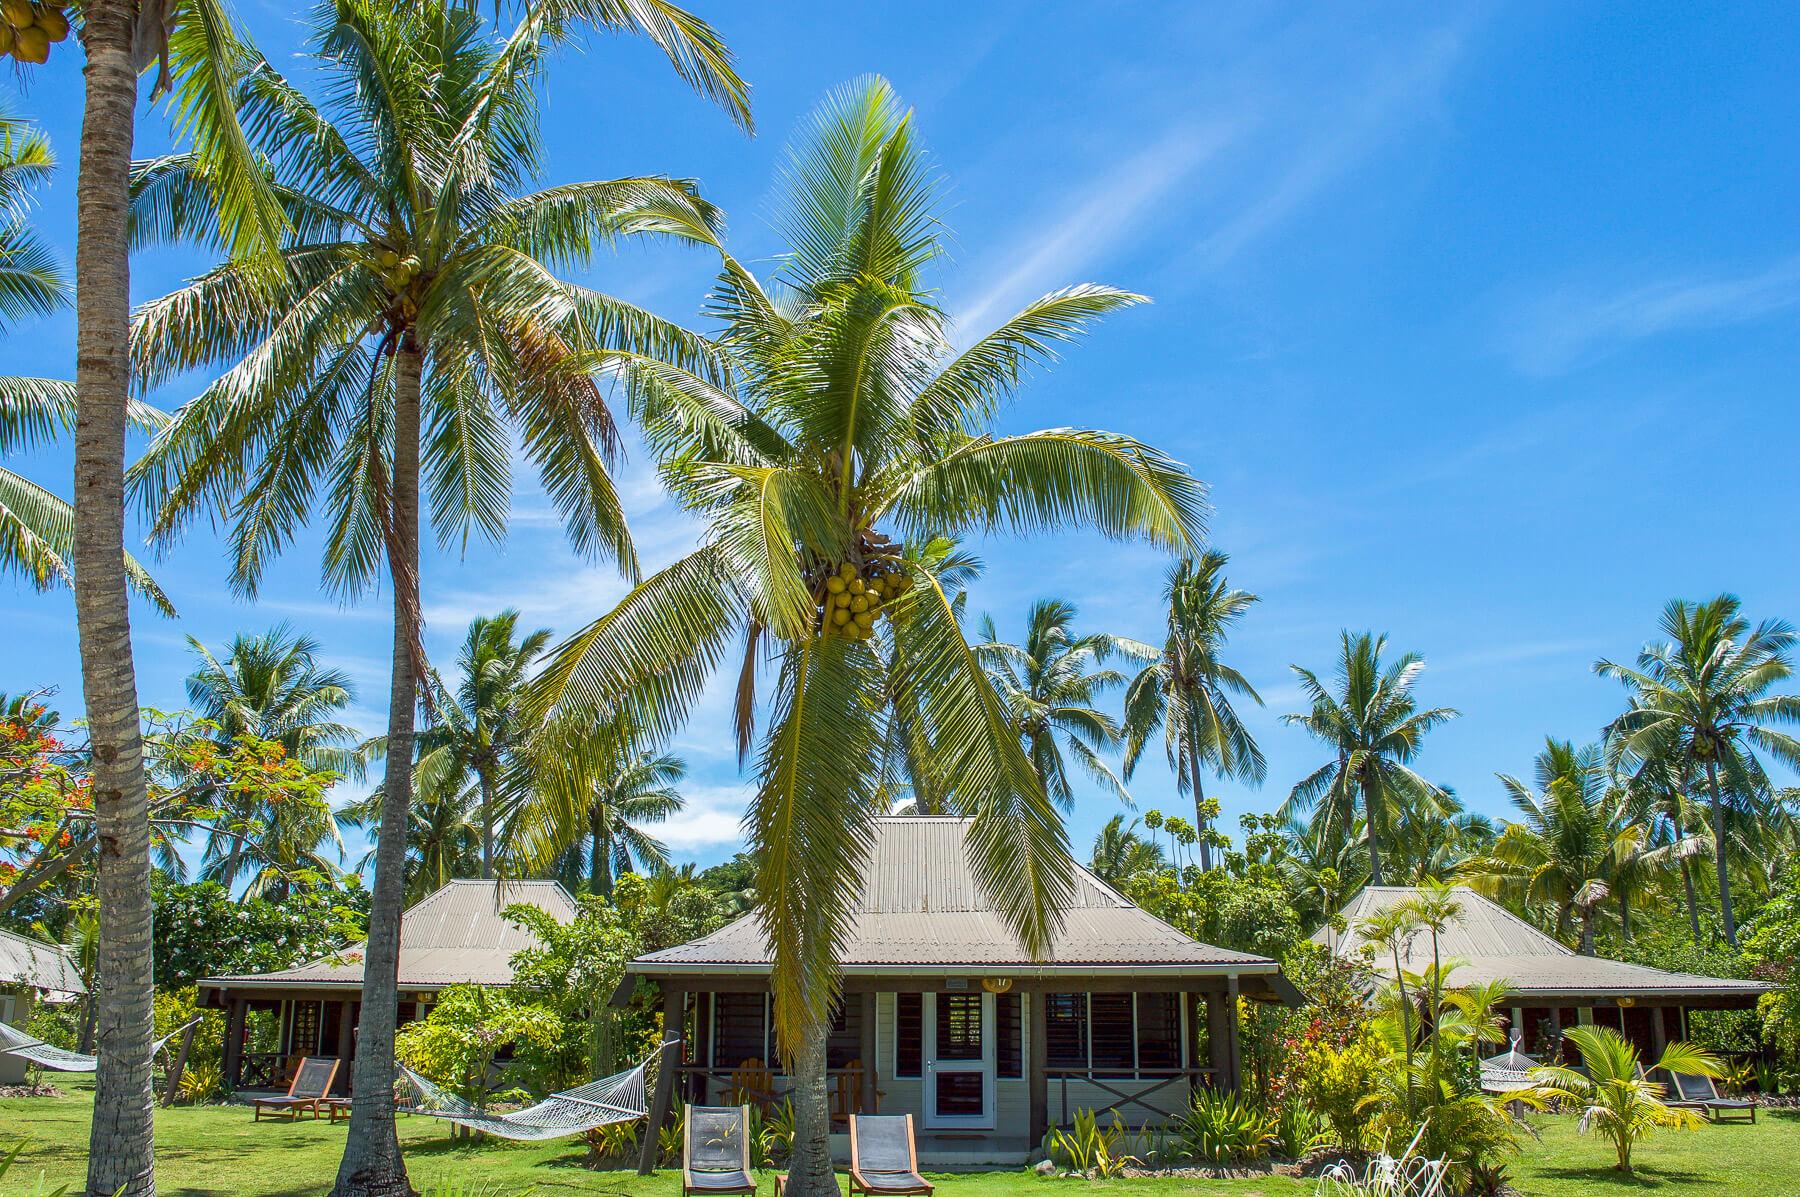 Number 17 Bure at Musket Cove Island Resort, Fiji